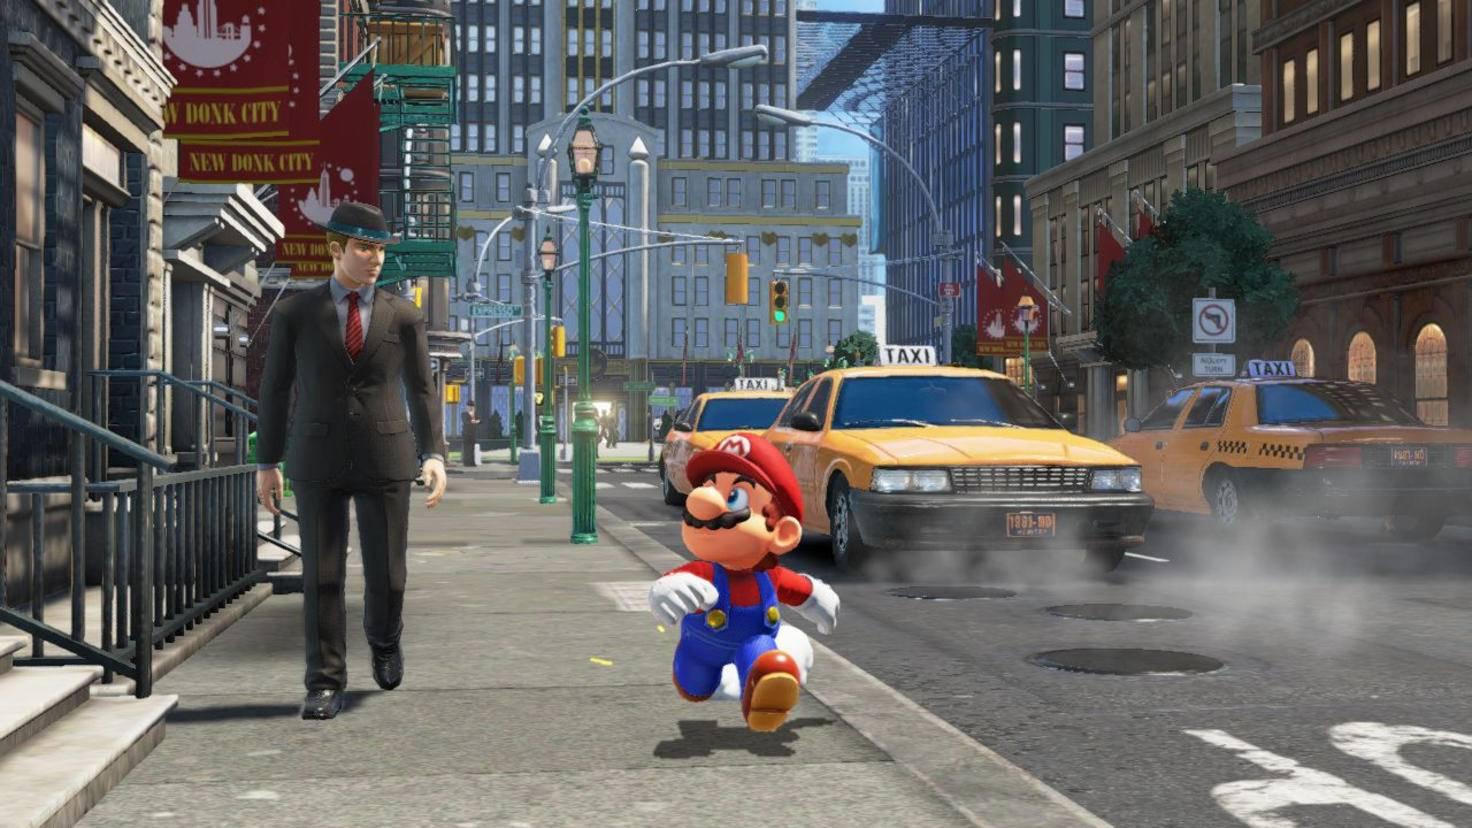 Da schaut nicht nur Mario verdutzt: An den Anblick von realistisch gezeichneten Menschen in einem Nintendo-Spiel müssen wir uns auch erst gewöhnen.